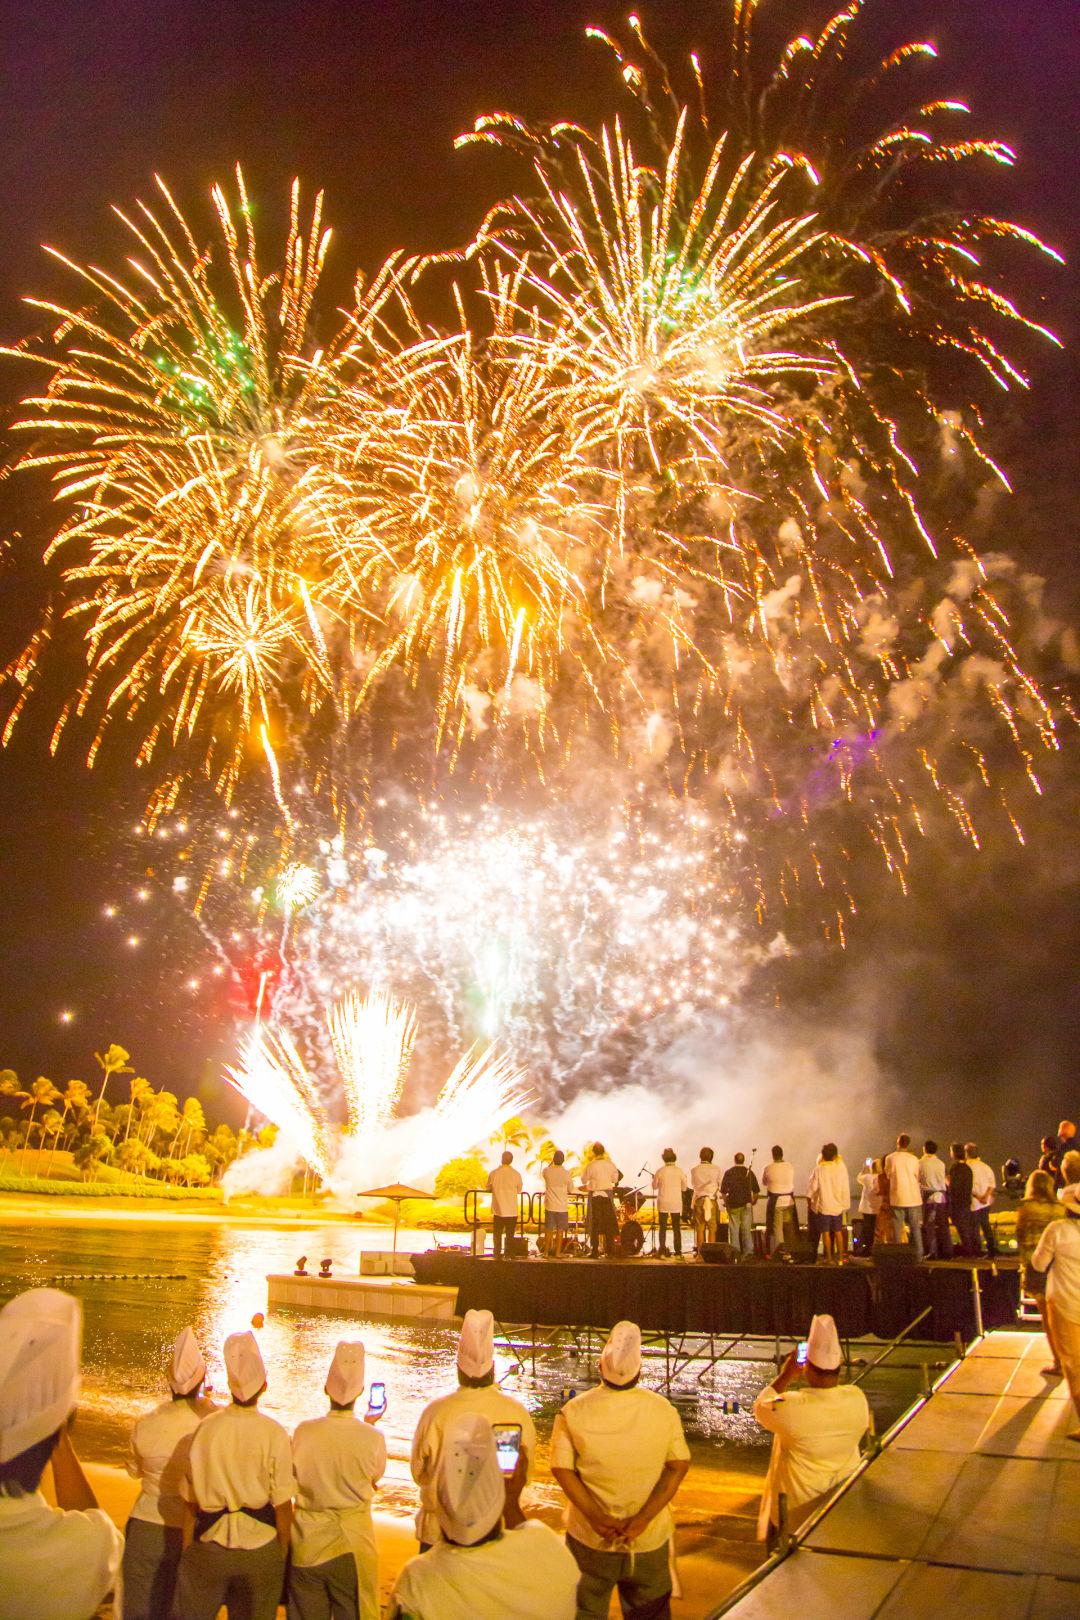 Hfwf16 fireworks chefs swufz8